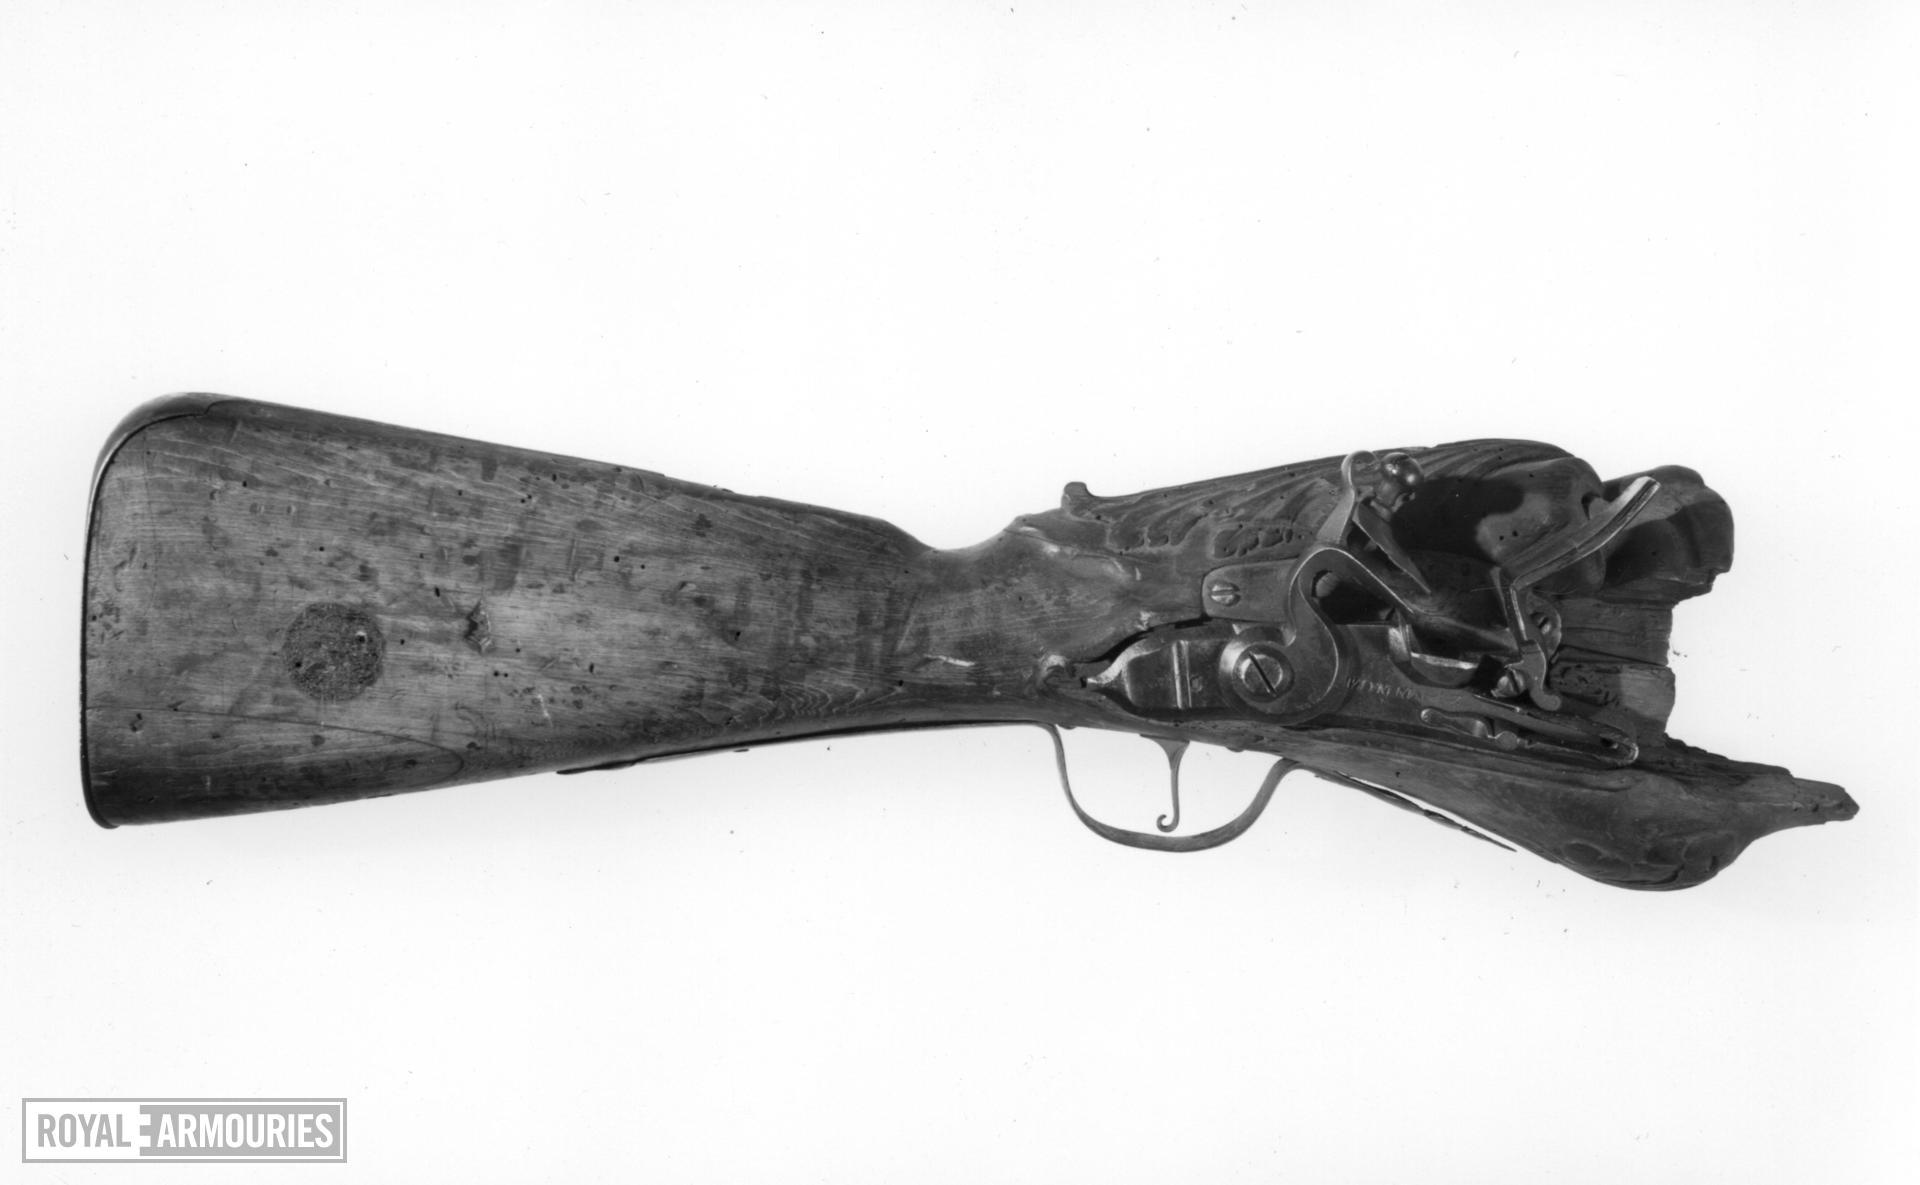 Flintlock firework gun - N/A